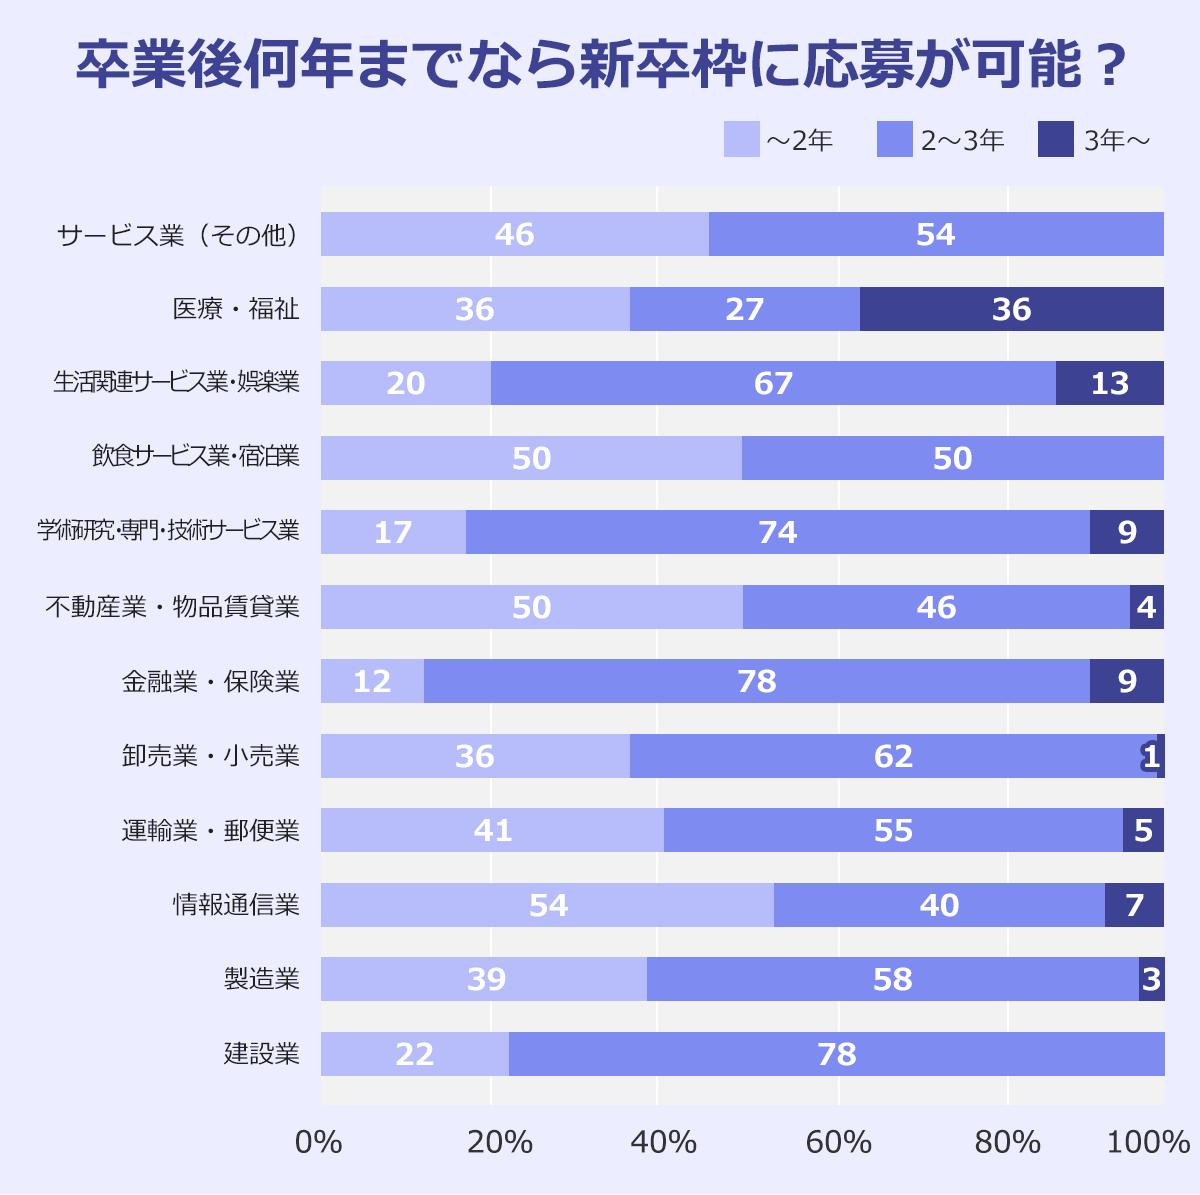 「卒採用で年齢の上限を定めているか」という質問に対し「上限あり」と回答した企業は、卒後何年までなら応募可能としているかを表したグラフ※無回答除く(2019年8月1日現在)。以下、業種:~2年/2~3年/3年~。建設業:22%/78%/0%。製造業:39%,58%/3%。情報通信業:54%/40%/7%。運輸業、郵便業:41%/55%/5%。卸売業、小売業:36%/62%/1%。金融業、保険業:12%/78%/9%。不動産業、物品賃貸業:50%/46%/4%。学術研究、専門・技術サービス業:17%/74%/9%。宿泊業、飲食サービス業:50%/50%/0%。生活関連サービス業、娯楽業:20%/67%/13%。医療、福祉:36%/27%/36%。サービス業(その他):46%/54%/0%。